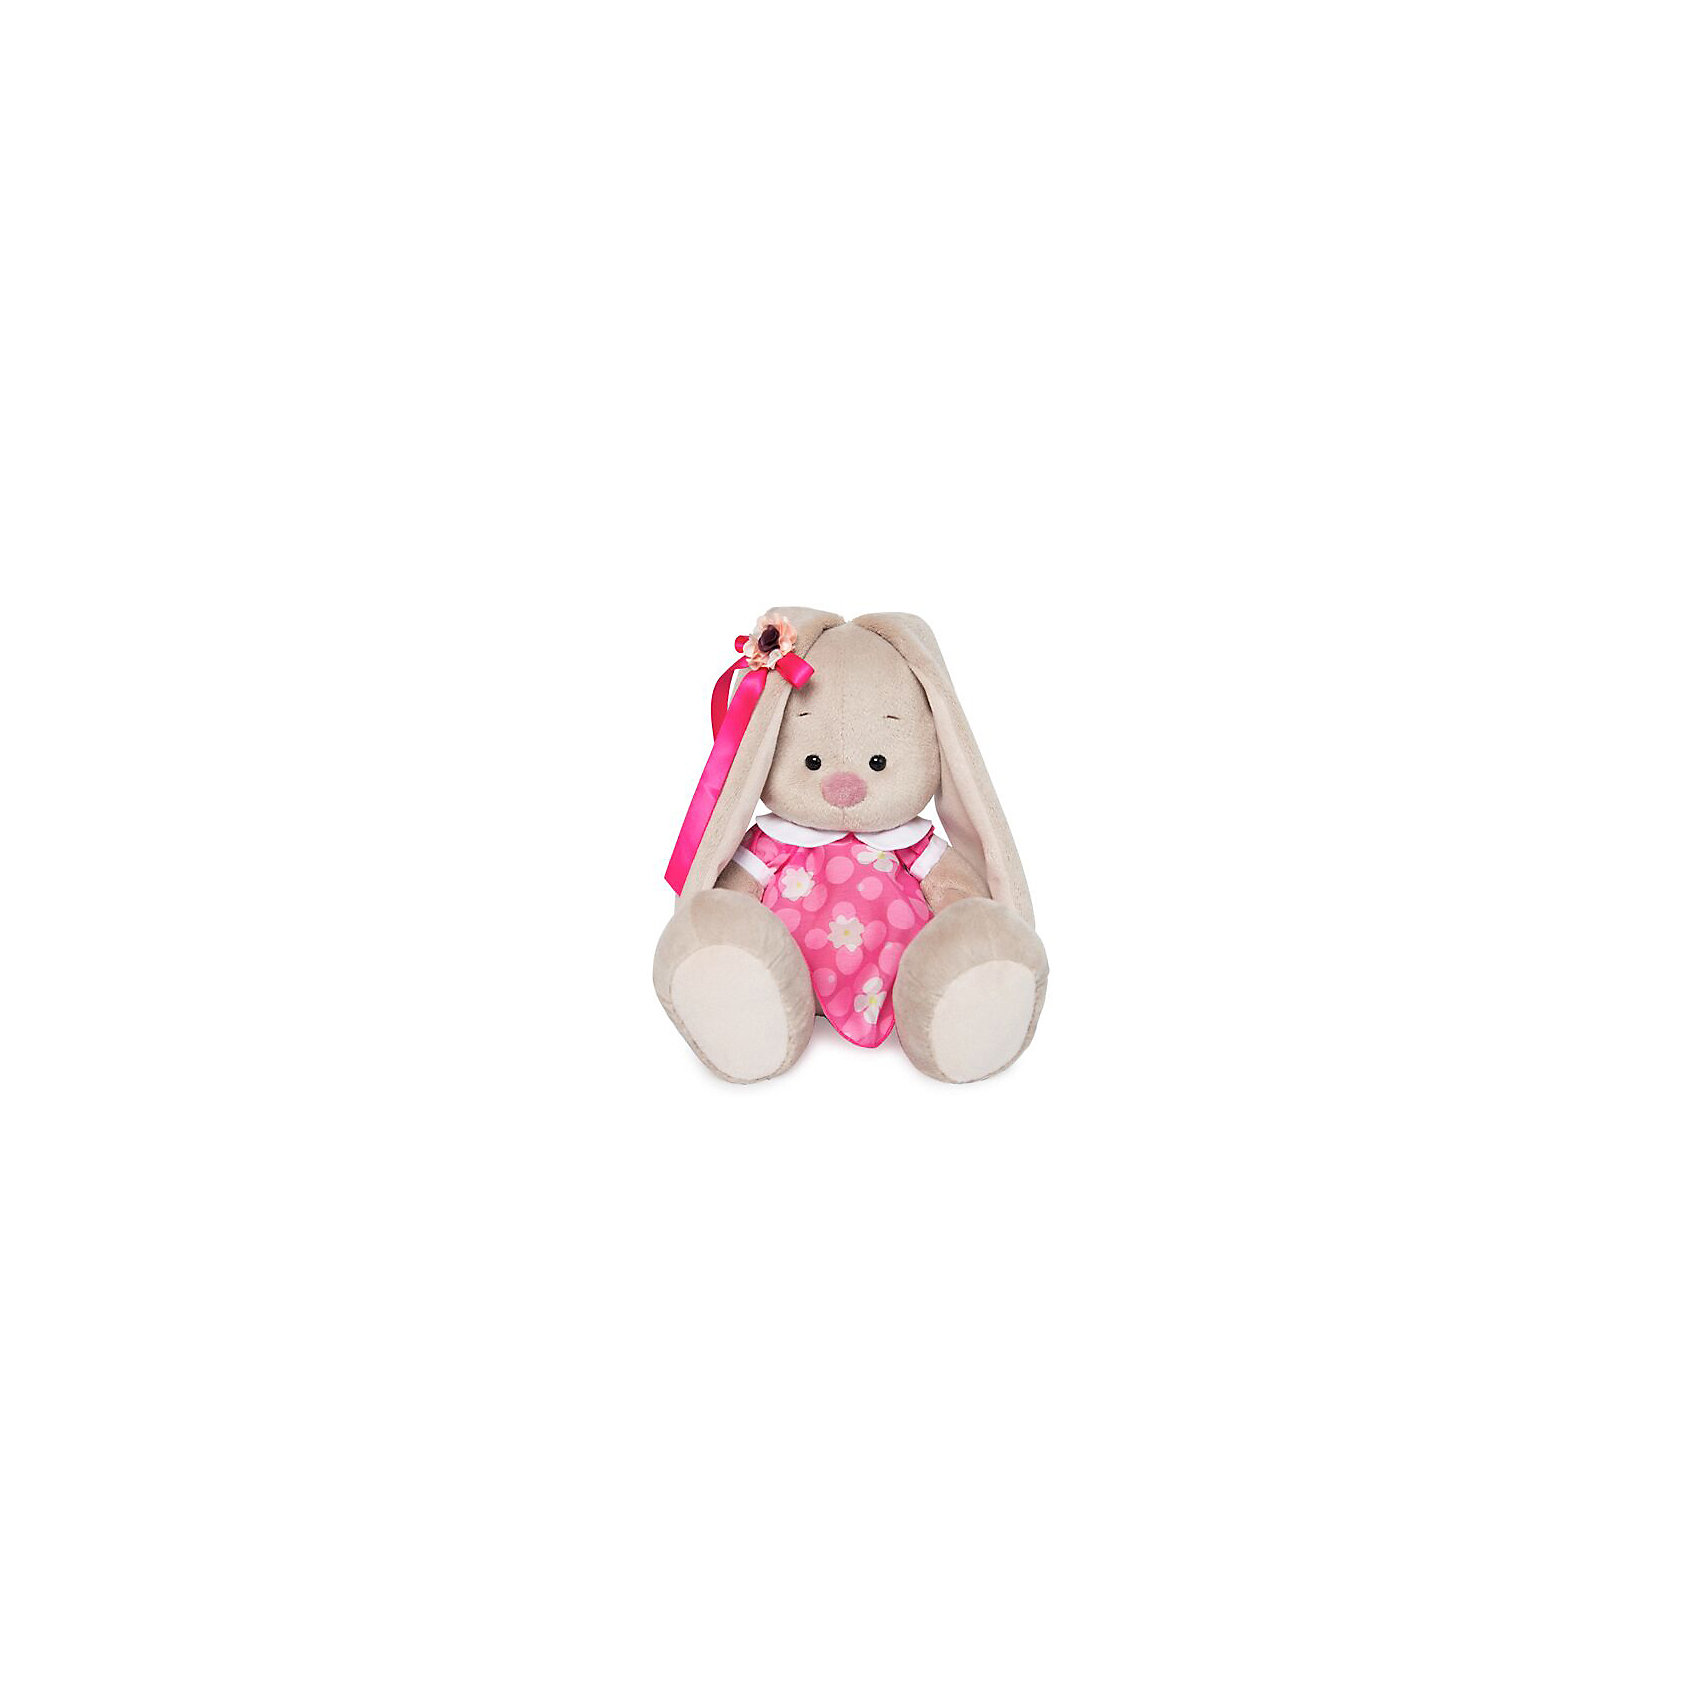 Мягкая игрушка Budi Basa Зайка Ми в розовом платье с белым воротничком, 18 см по цене 746